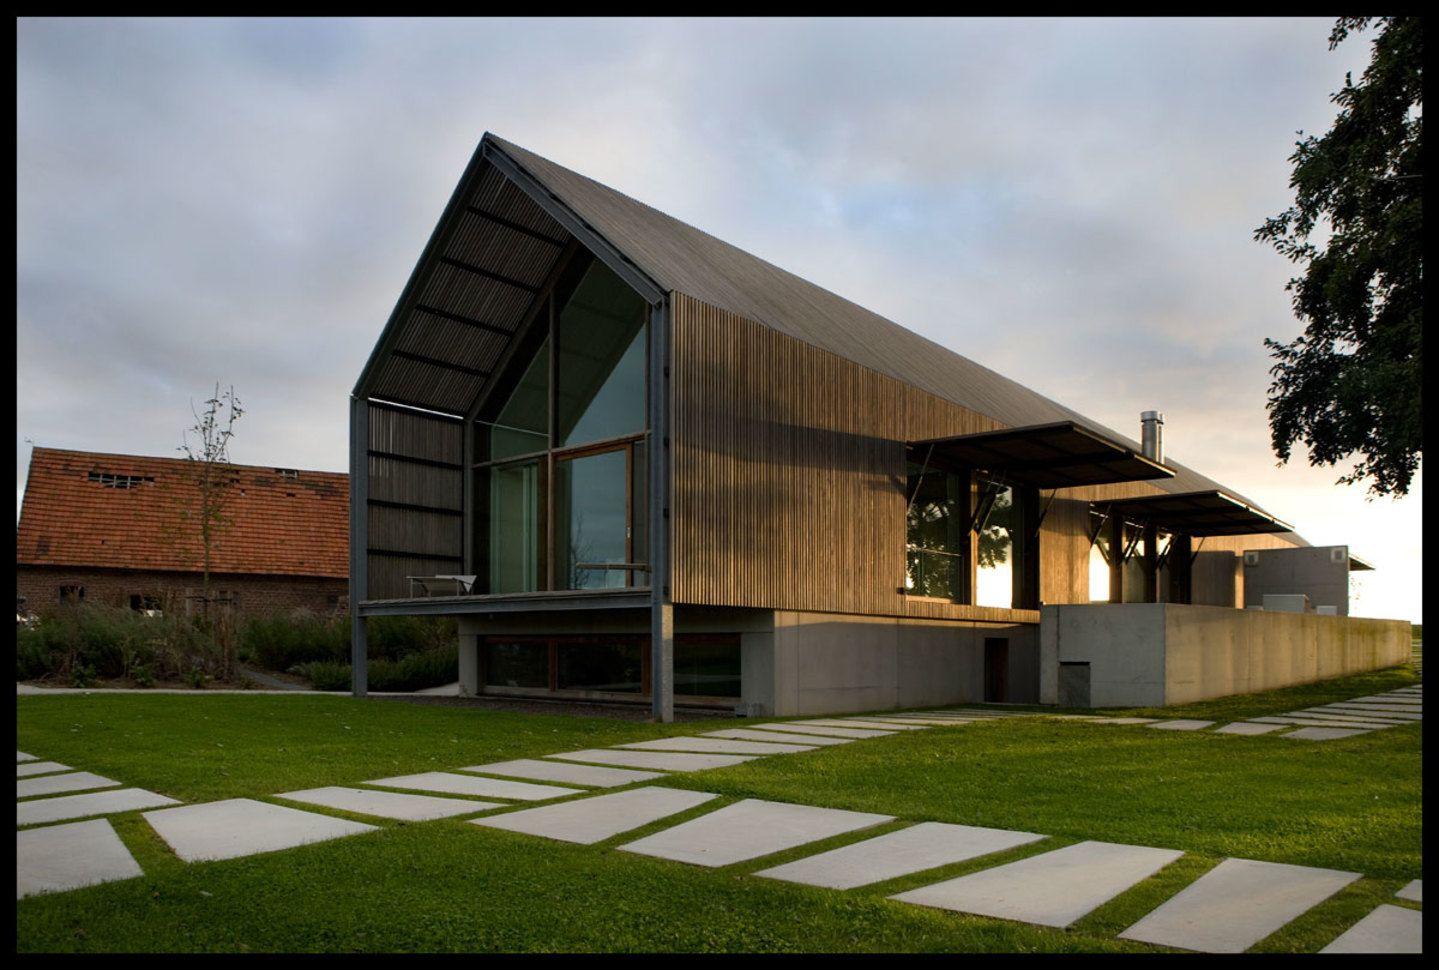 berdachte terassen und fensterklappen architektur pinterest haus wohnhaus und haus bauen. Black Bedroom Furniture Sets. Home Design Ideas